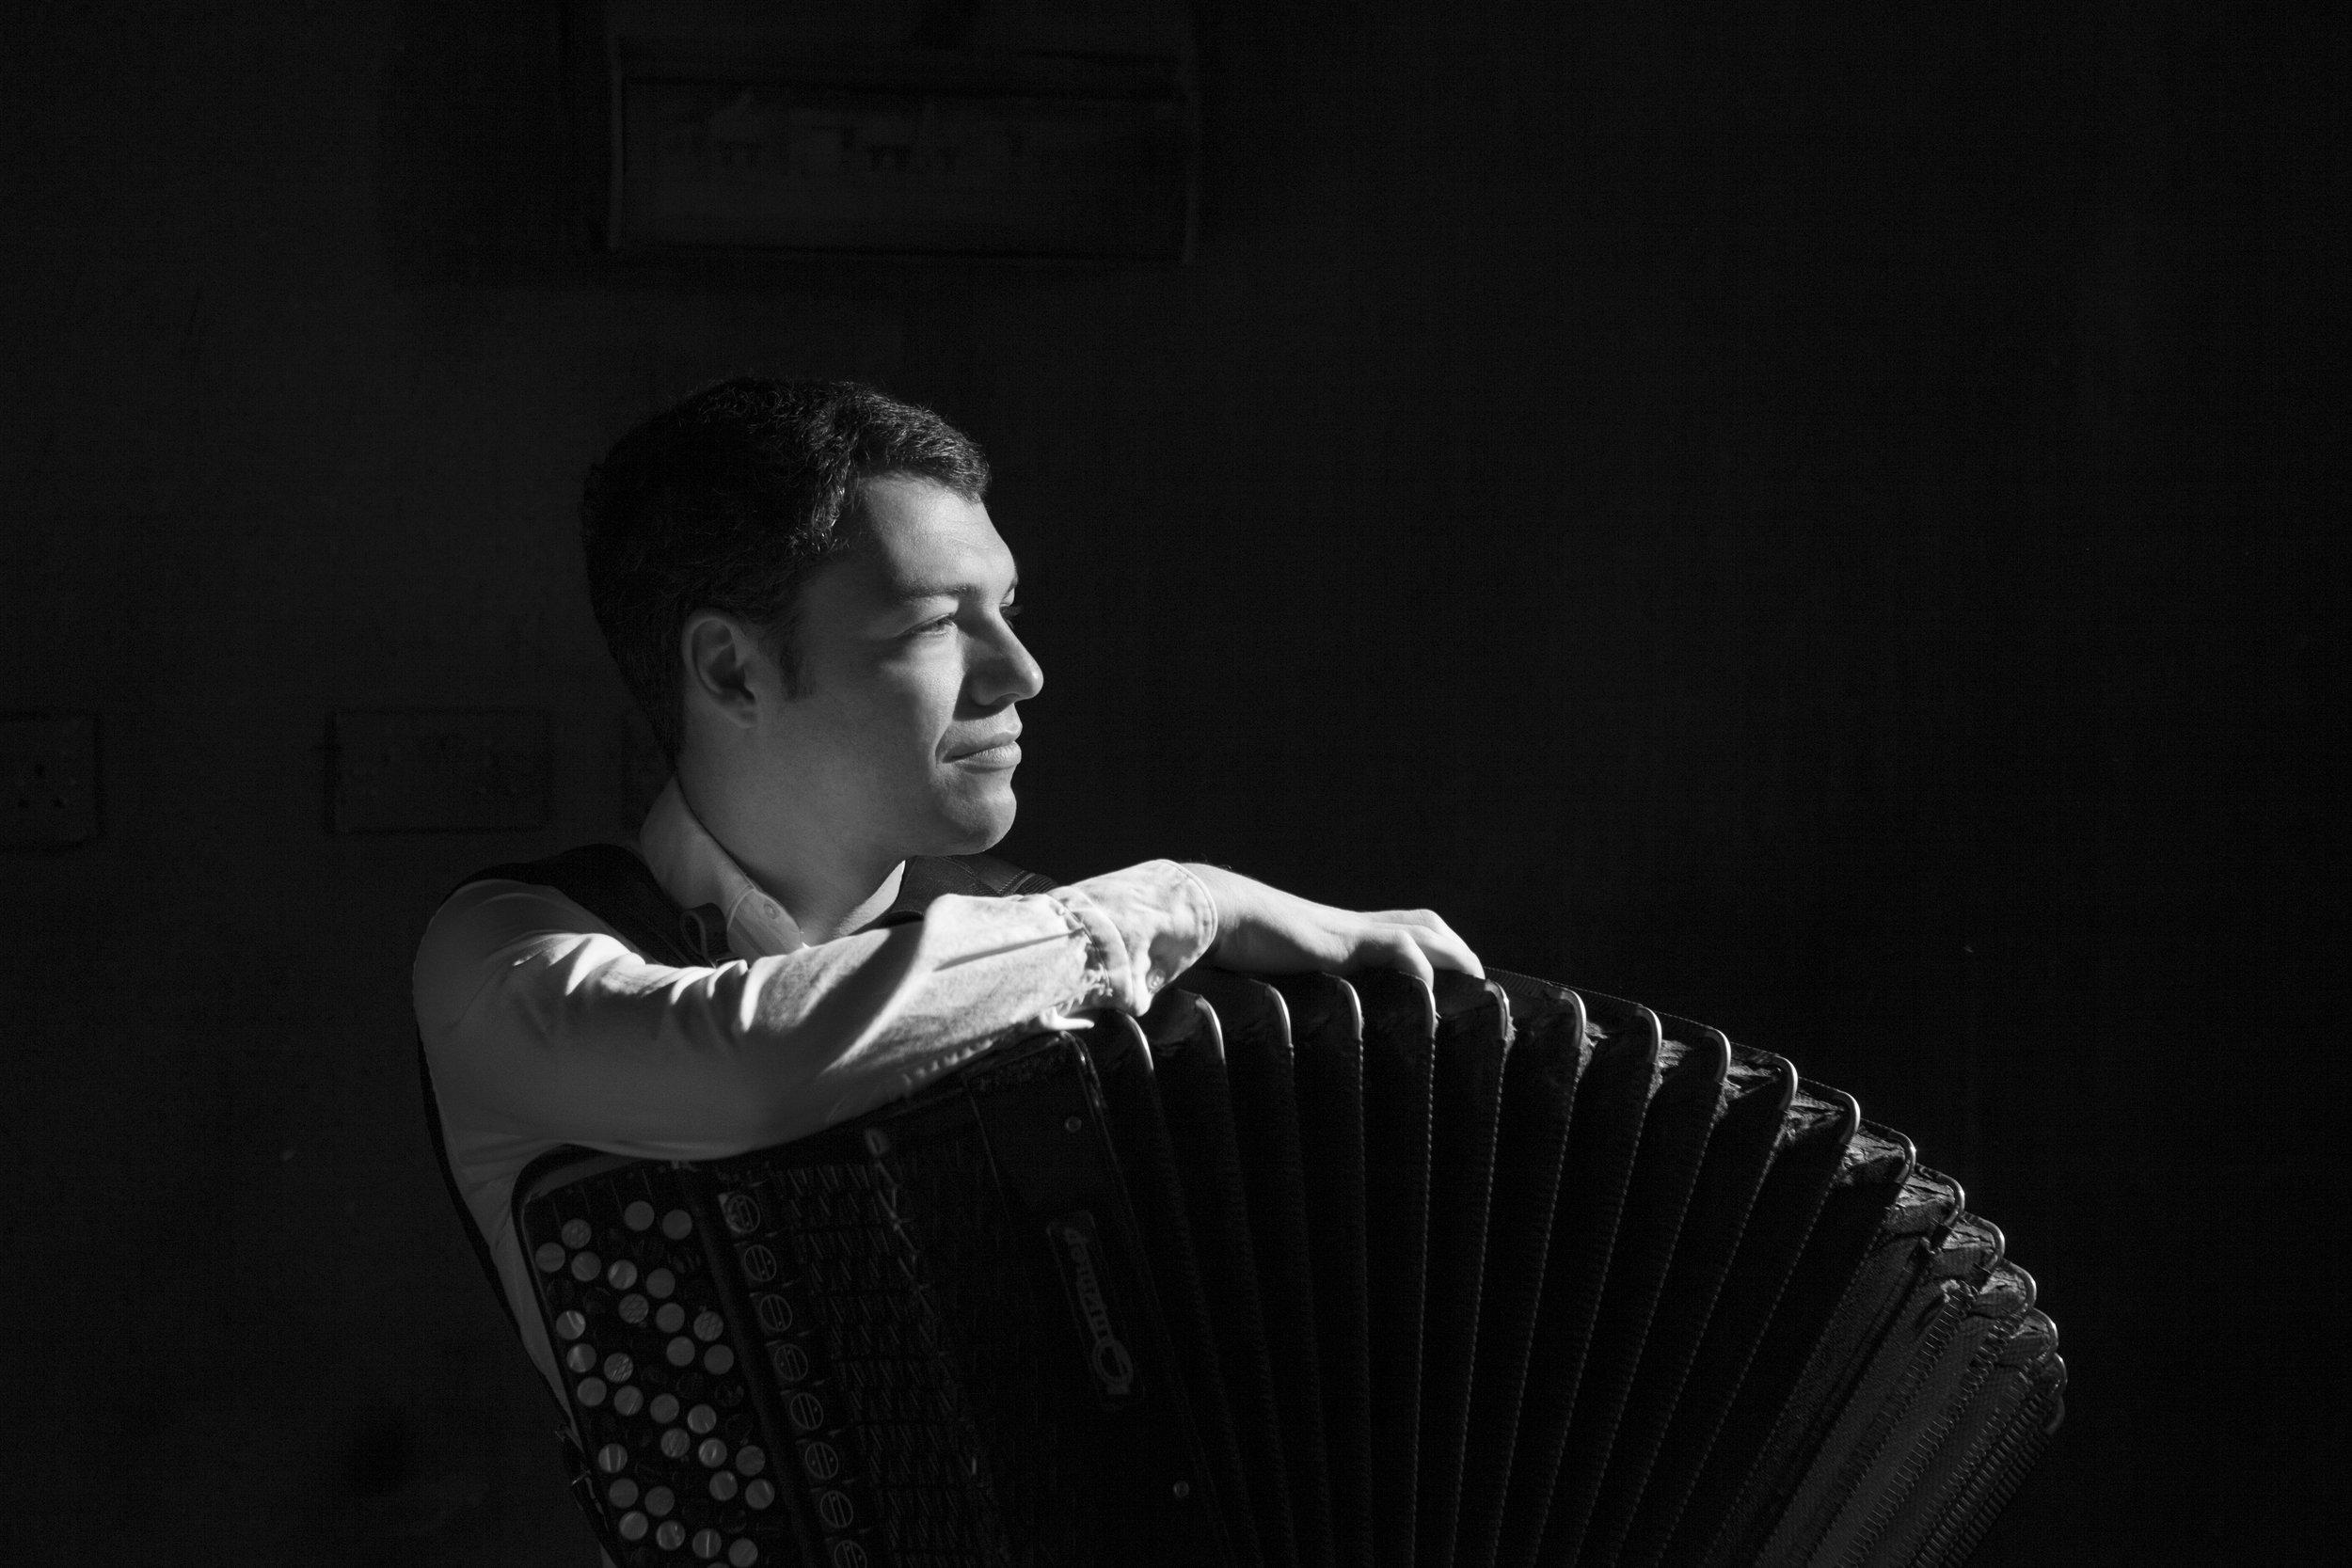 Iosif Purits by Aiga Photography 4910 bw.jpg